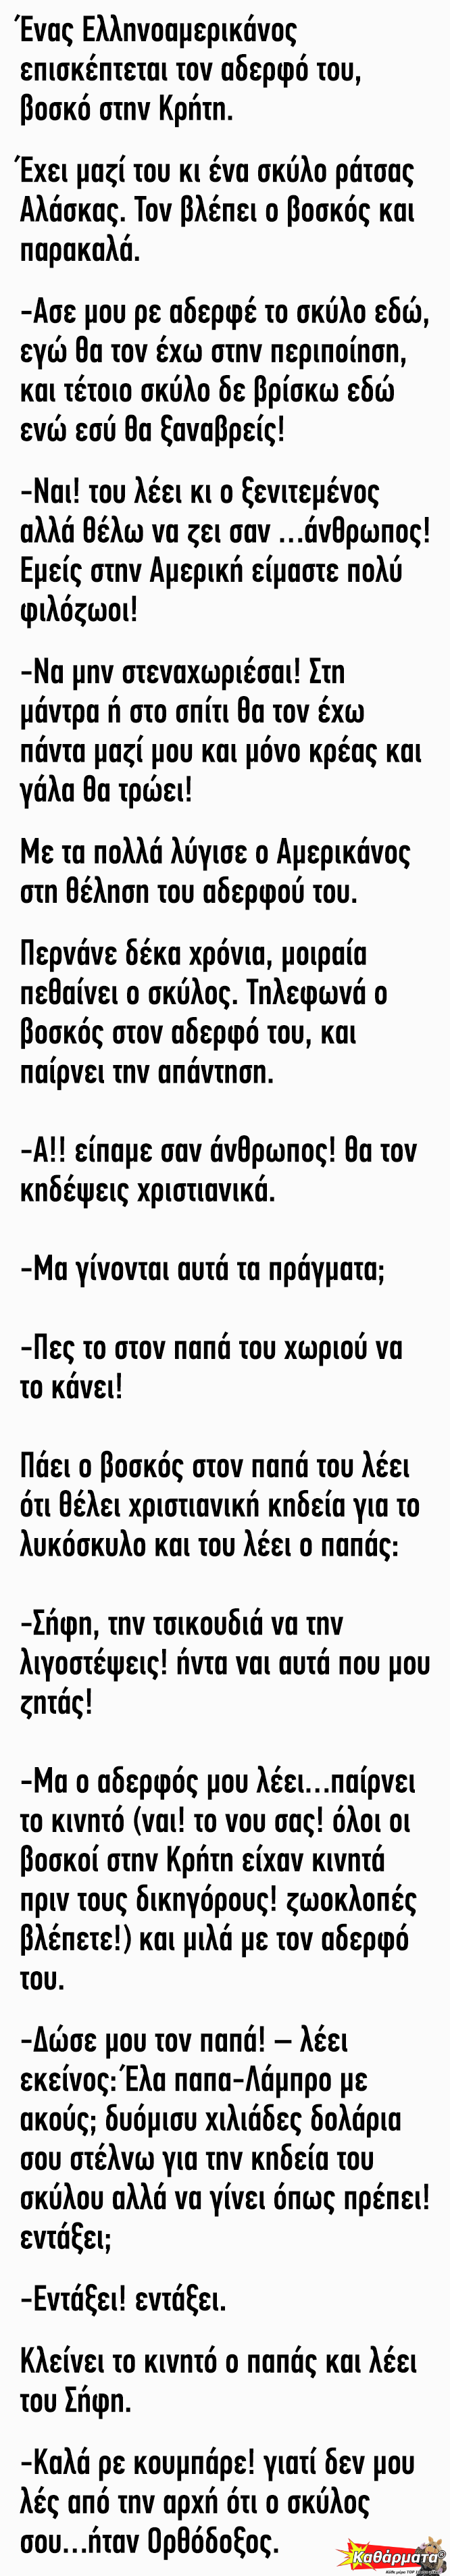 Ανέκδοτο:Ένας Ελληνοαμερικάνος επισκέπτεται τον αδερφό του βοσκό στην Κρήτη